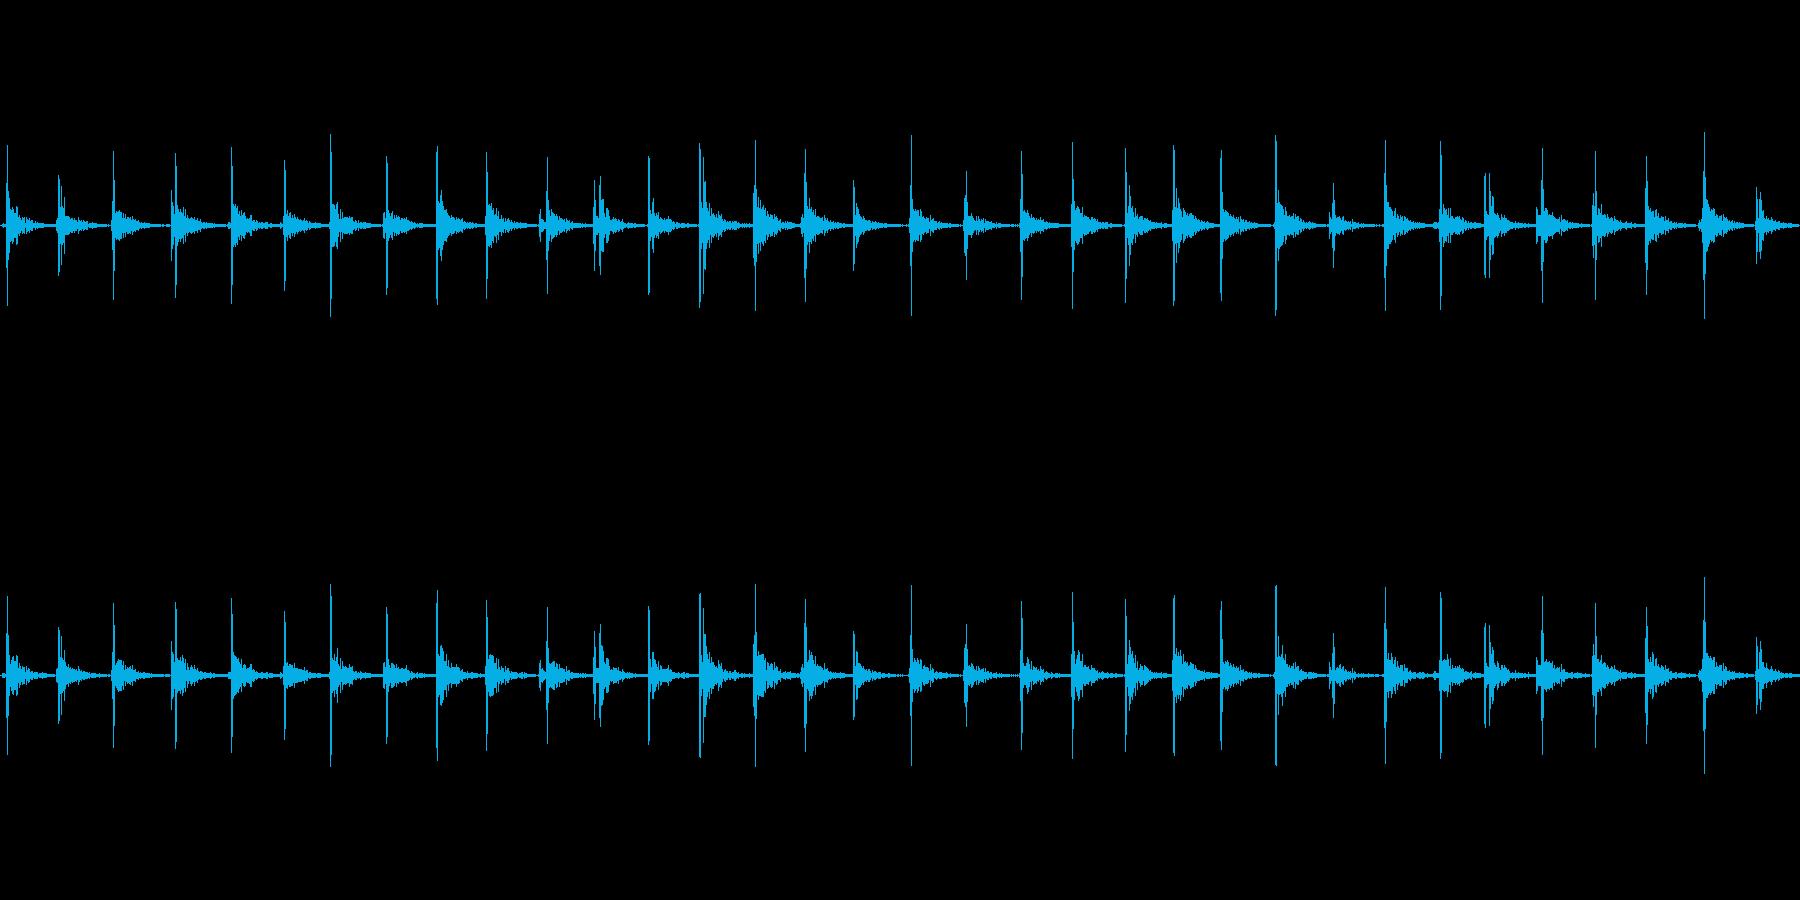 【足音02-5L】の再生済みの波形